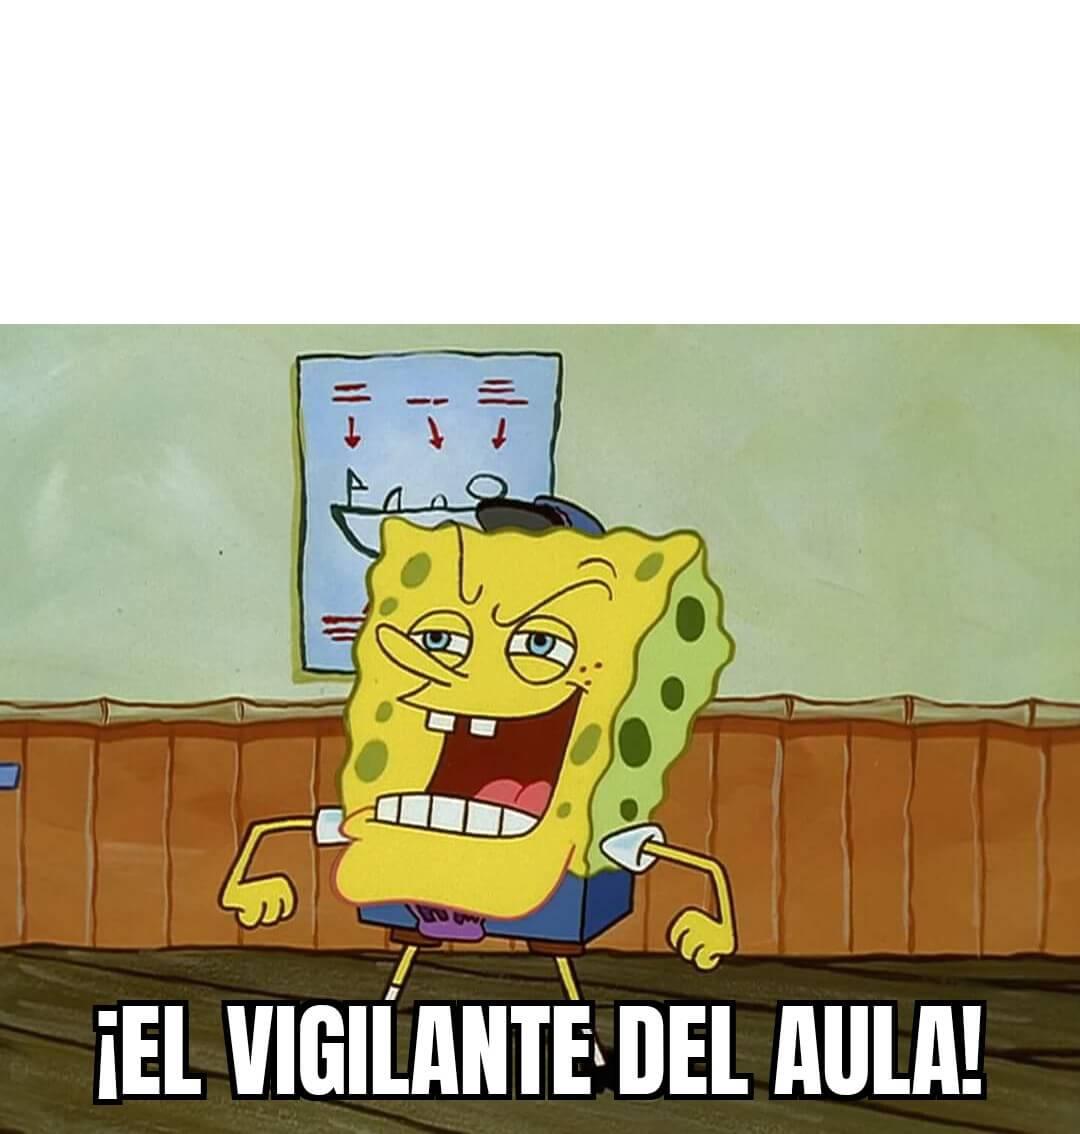 Ir a la pagina de la plantilla ¡EL VIGILANTE DEL AULA!.